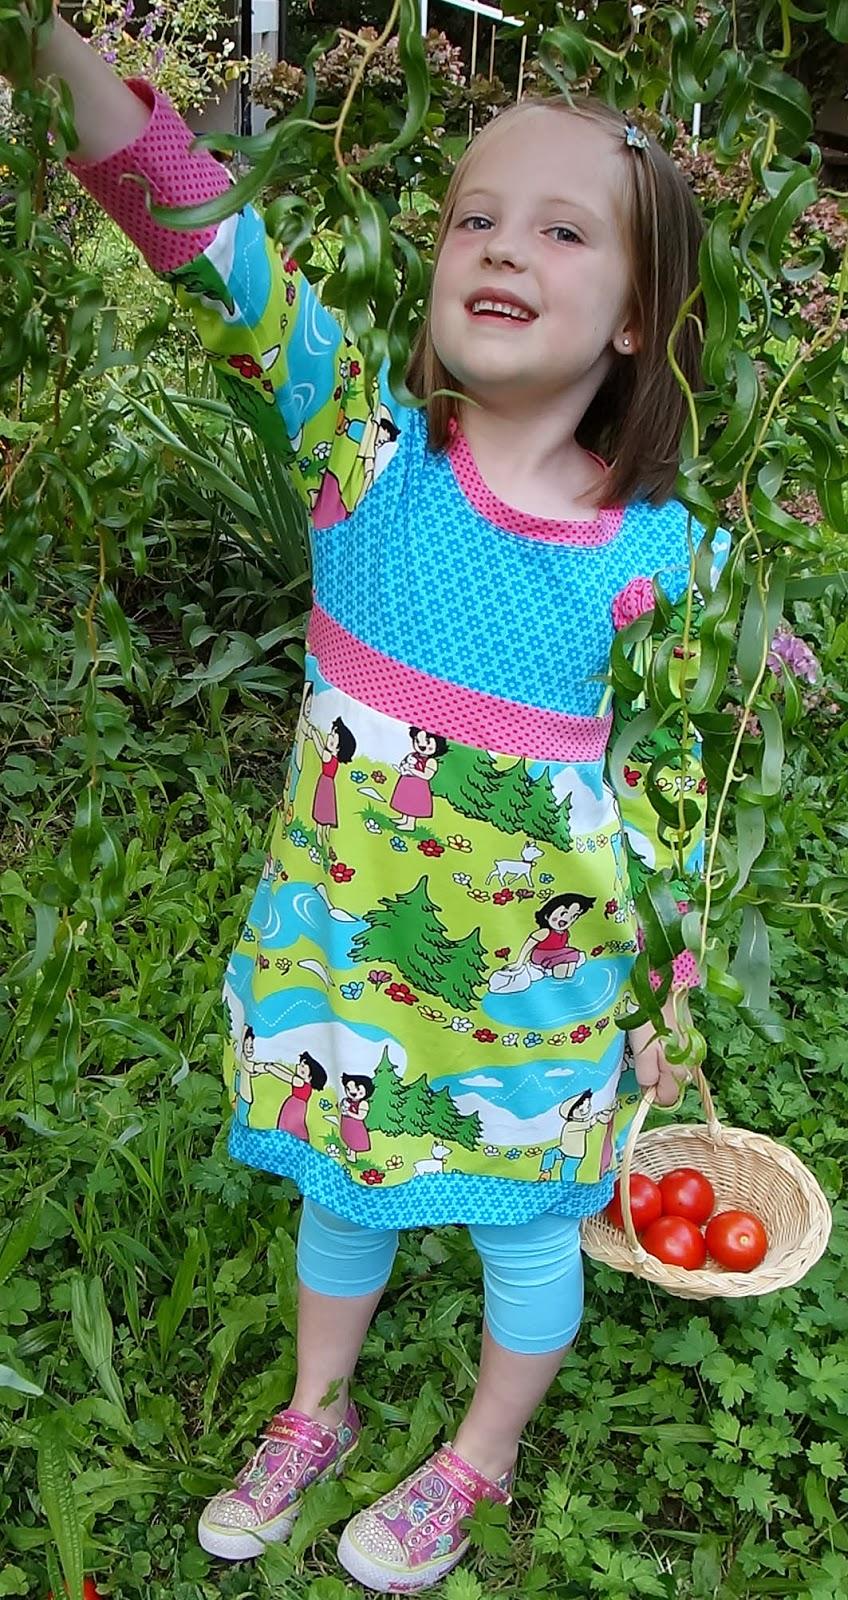 http://www.madebykasia.com/2014/08/heidi-and-peter-fabric-heidi-runde-2.html